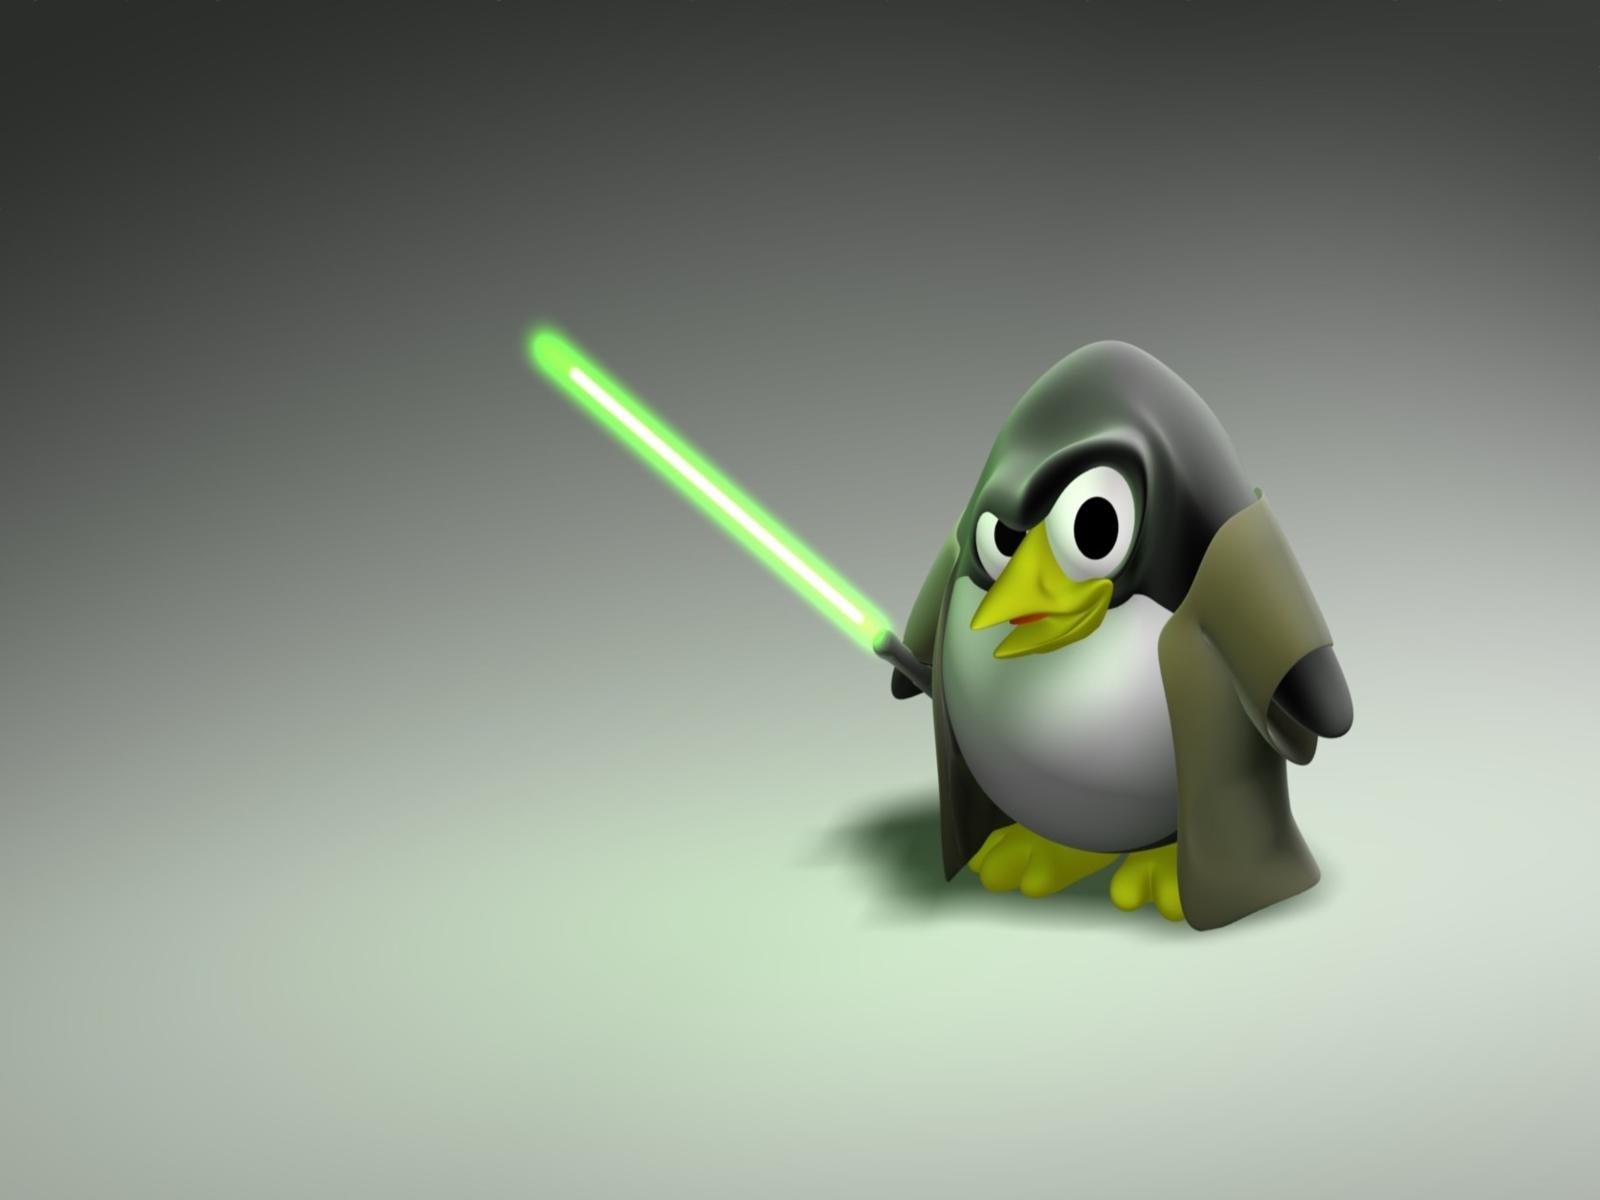 Download Linux Starwars Penguin Comedy Wallpaper Desktop HD Download